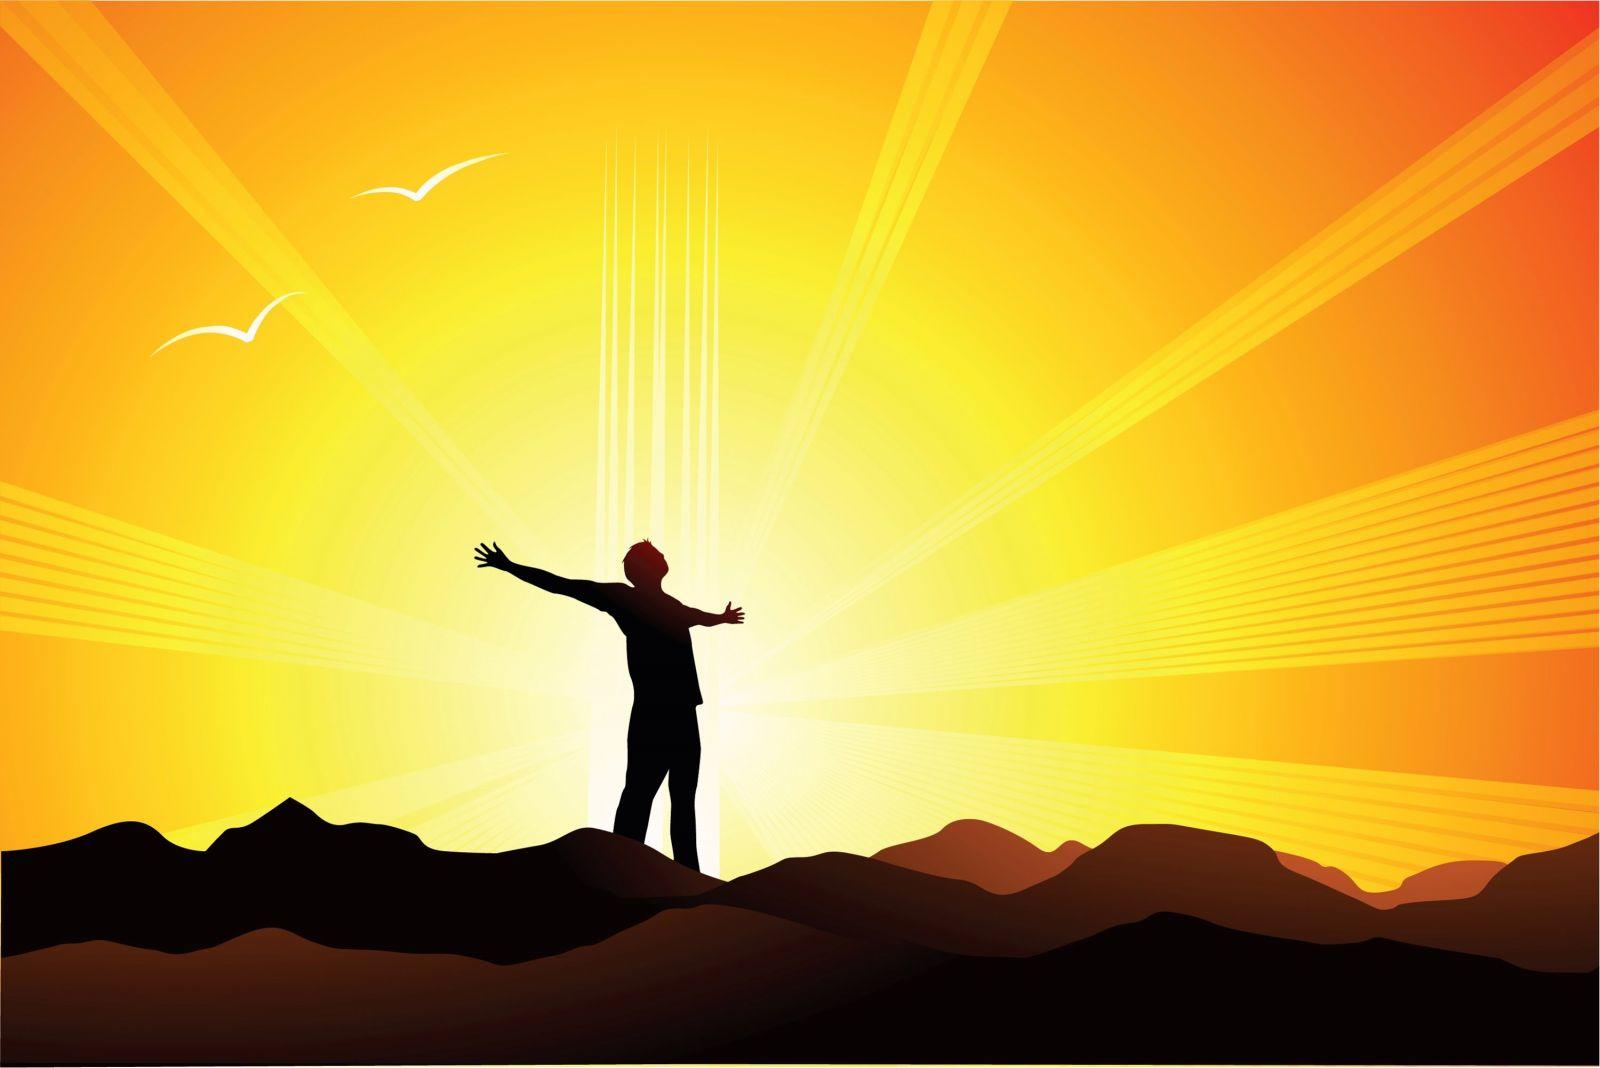 Phương pháp khám và định hướng nghề cho bản thân